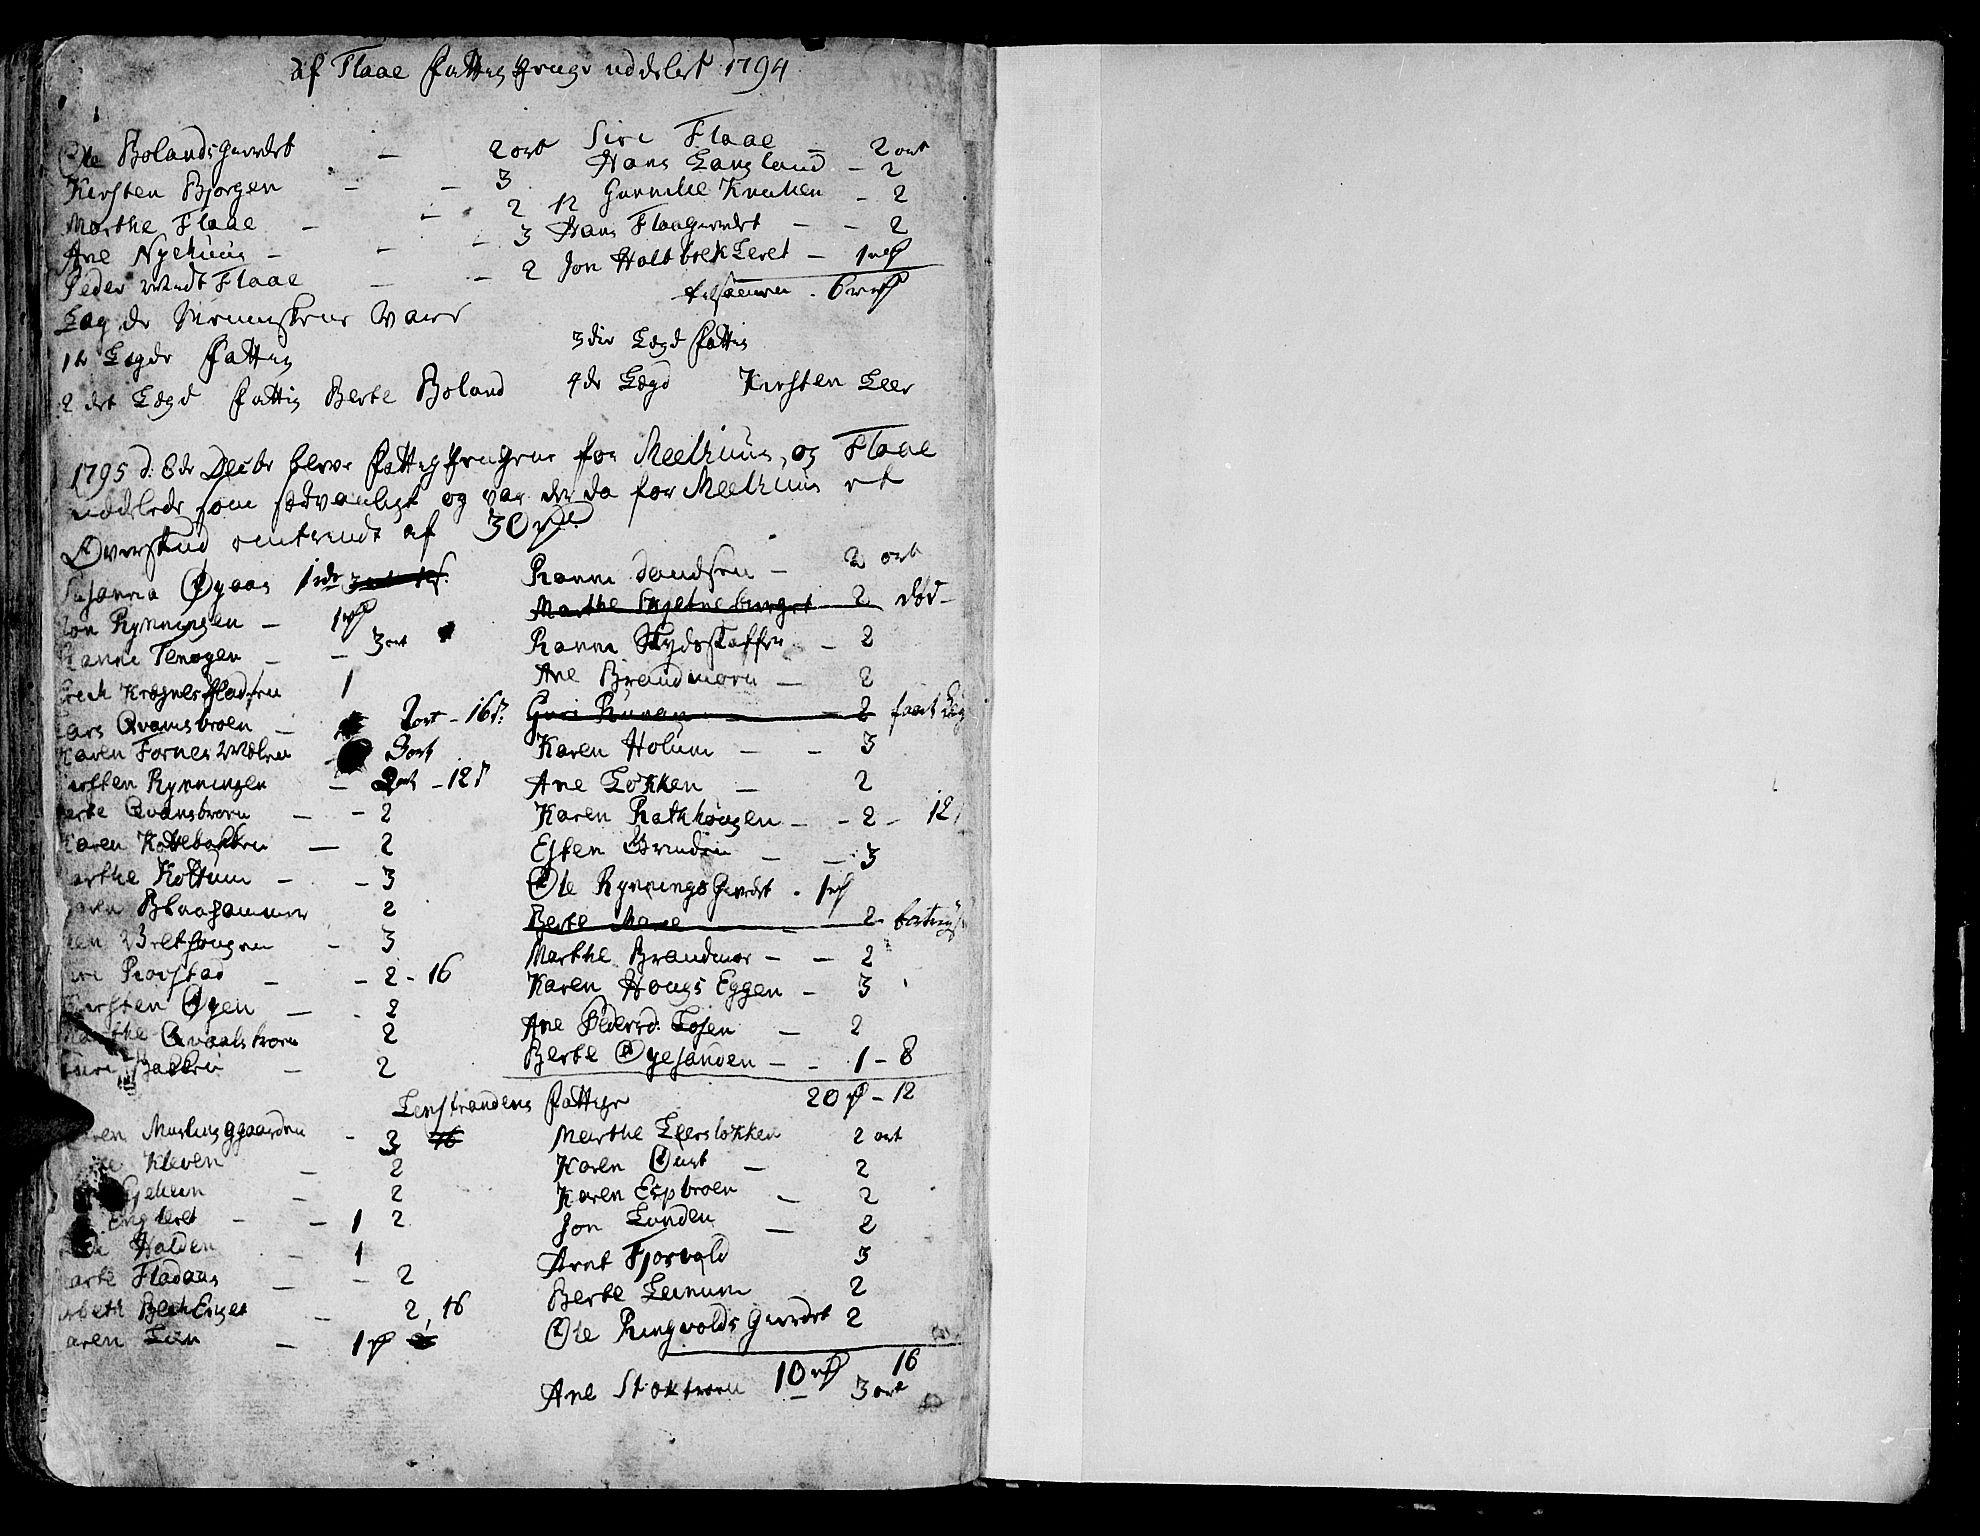 SAT, Ministerialprotokoller, klokkerbøker og fødselsregistre - Sør-Trøndelag, 691/L1061: Ministerialbok nr. 691A02 /1, 1768-1815, s. 278